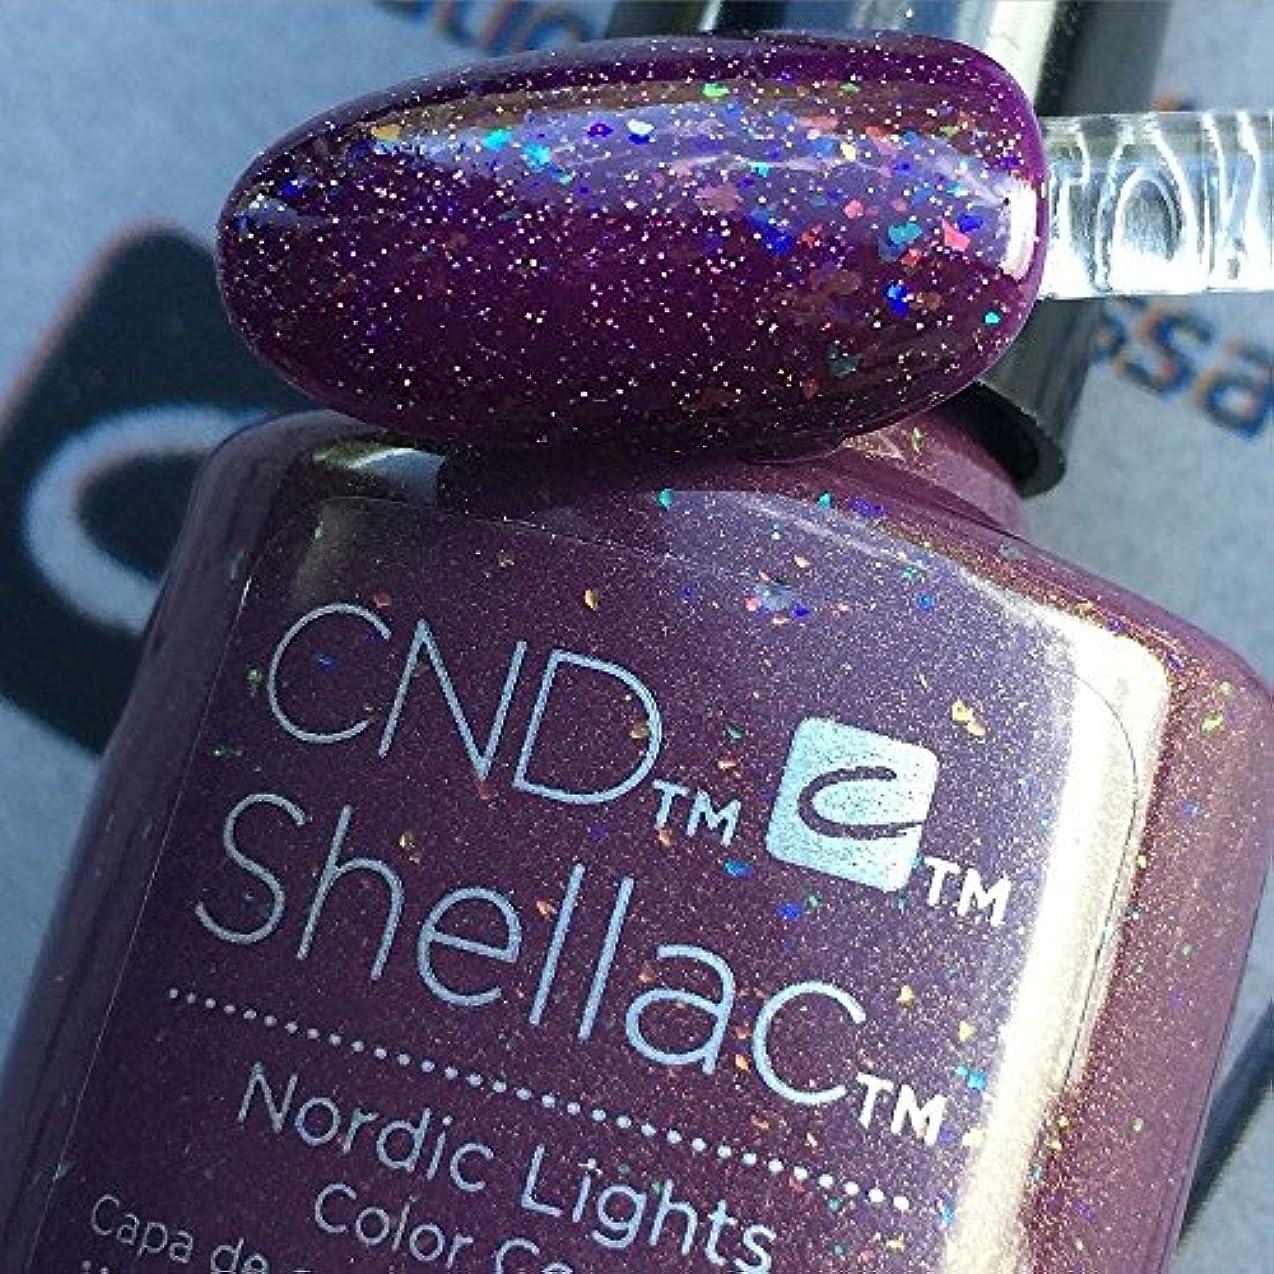 必要としている差し控える専門化するCND シェラック UV カラーコート 211 ノルディックライト Nordic Lights 7.3ml